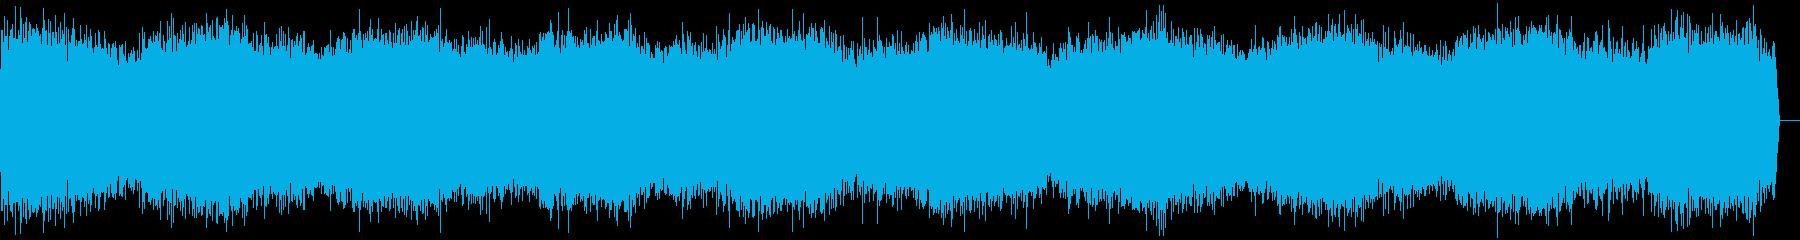 ヒュー(吹雪、風の音)の再生済みの波形